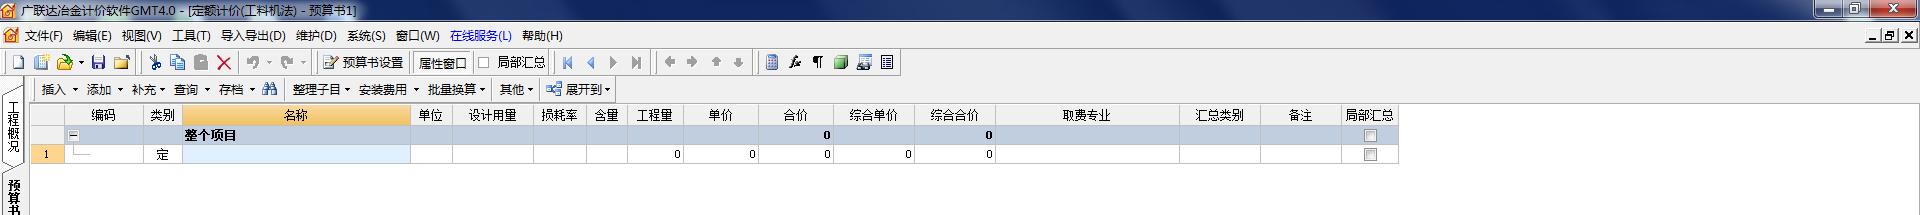 河北,计价软件GCCP,答疑:管道保温脚手架面积如何计算? 钢制双排的脚手架-河北计价软件GCCP,